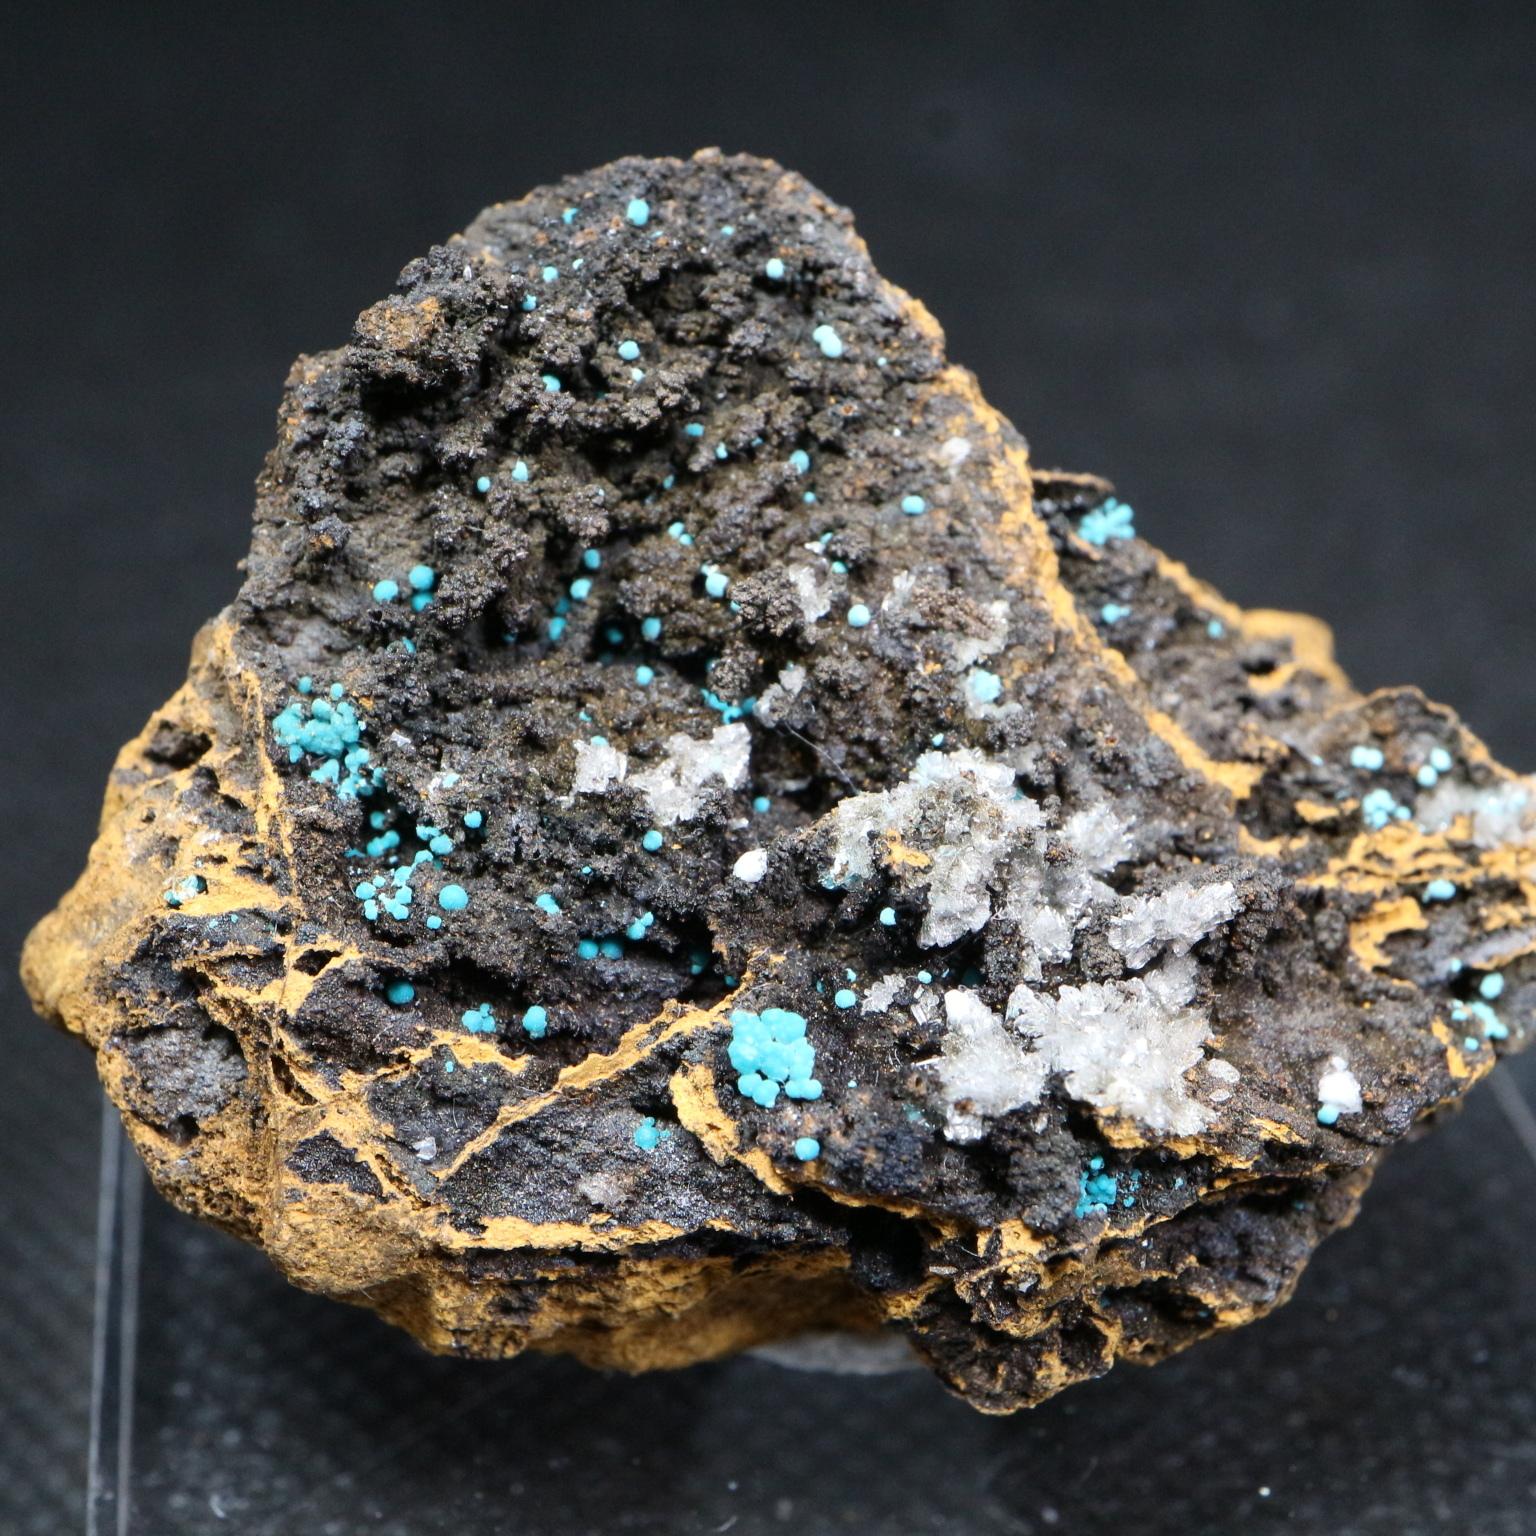 ユニーク!アメリカ産 ヘミモルファイト & ローザサイト  9,7g HMP001 鉱物 天然石 原石 パワーストーン